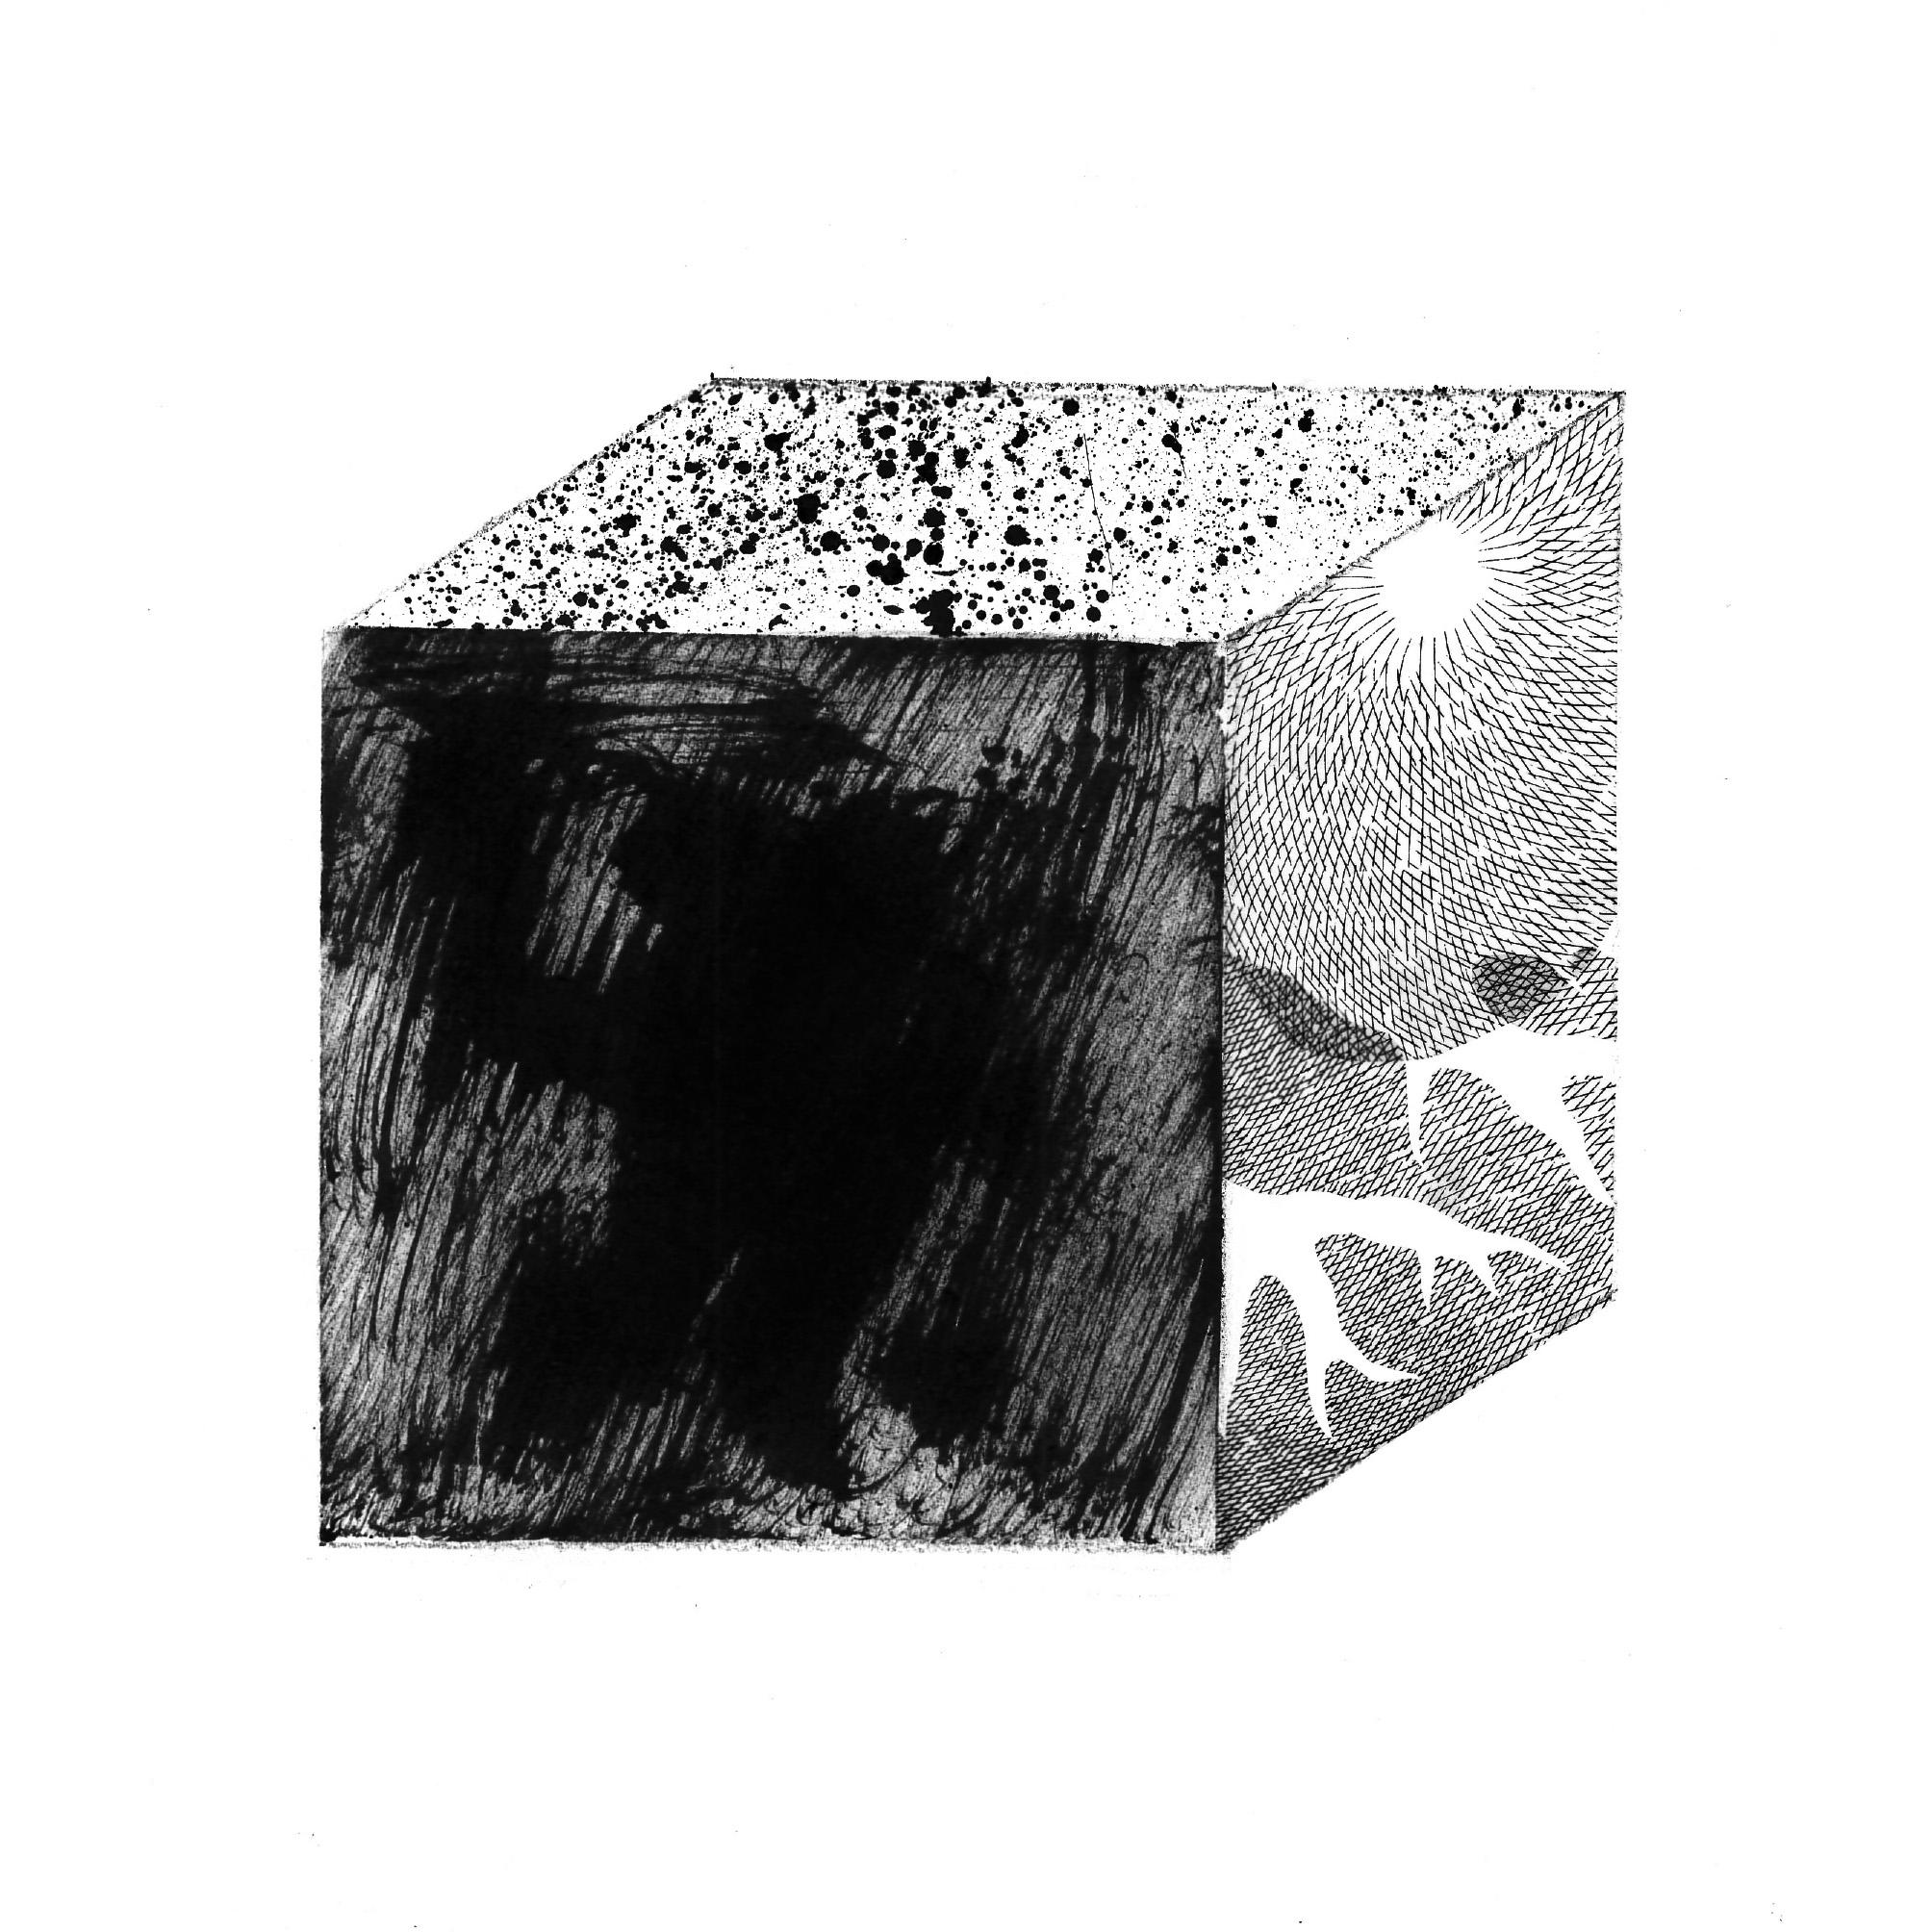 箱 / Black Box